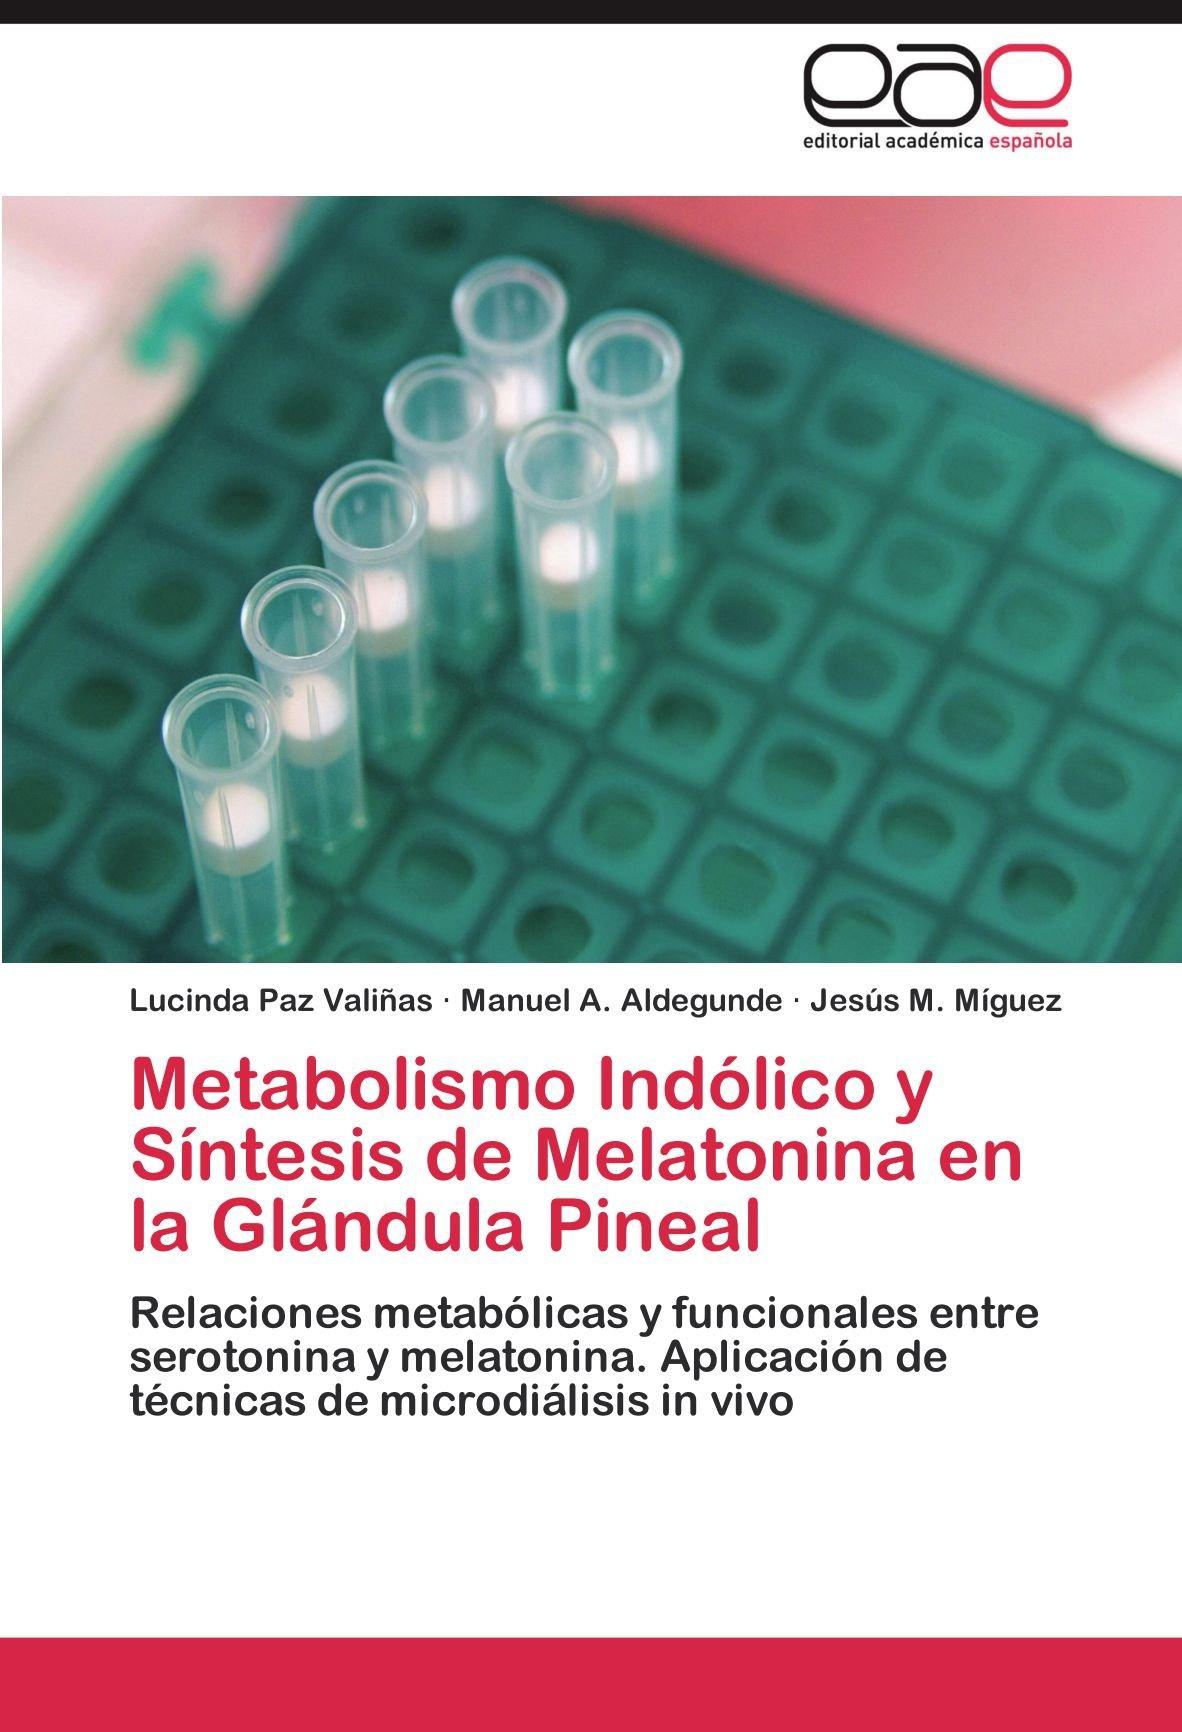 Metabolismo Indólico y Síntesis de Melatonina en la Glándula Pineal: Amazon. es: Paz Valiñas Lucinda, Aldegunde Manuel A., Míguez Jesús M.: Libros